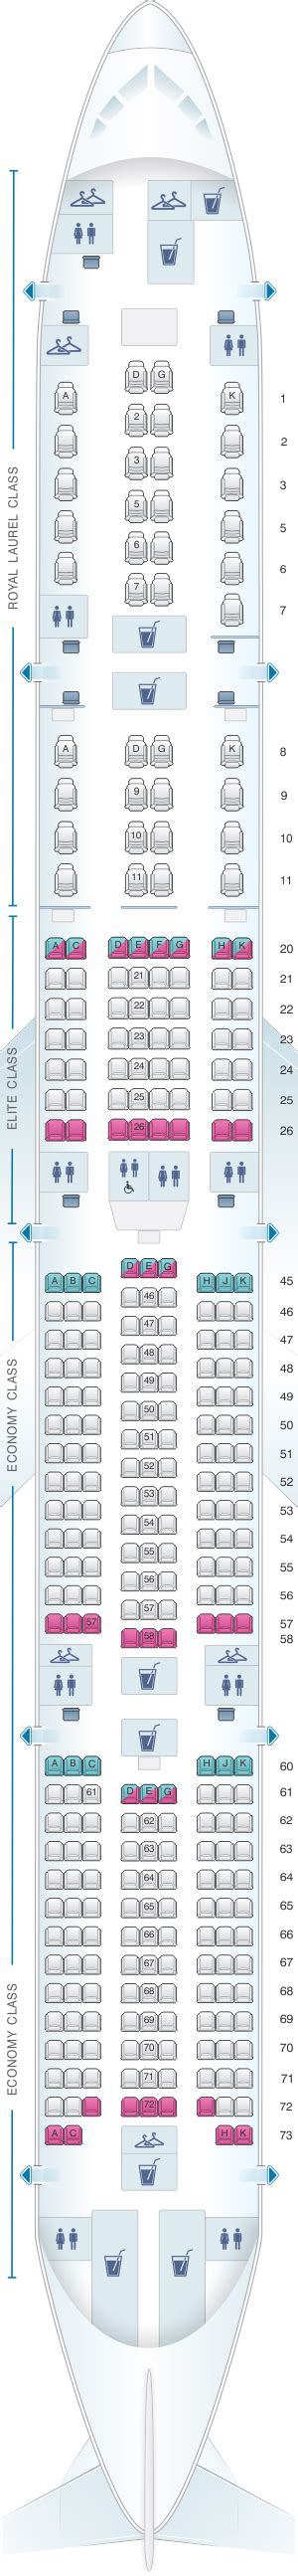 plan si es boeing 777 300er air mapa de asientos air boeing b777 300er 333pax plano